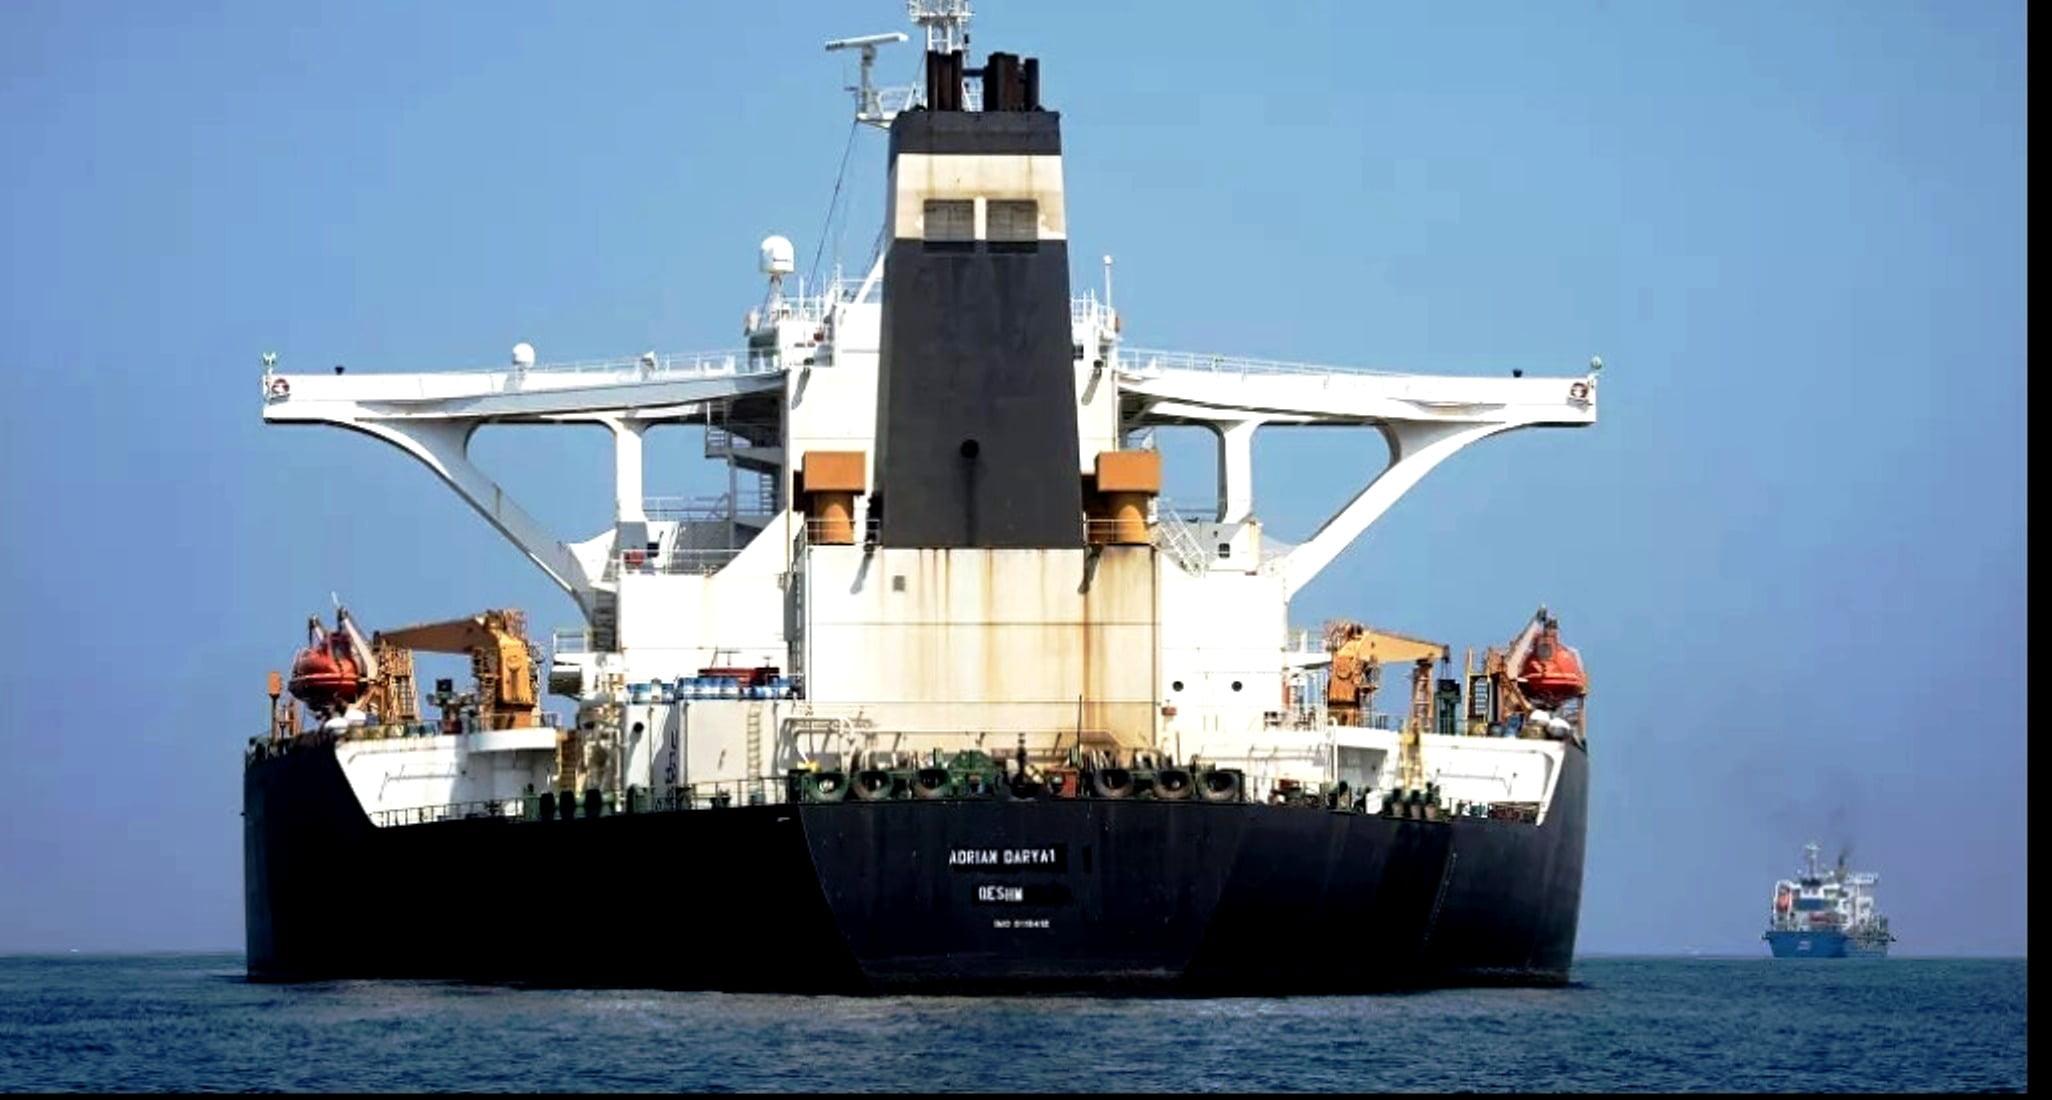 Έλληνες πλειοκτήτες παρέδωσαν στις ΗΠΑ φορτία ιρανικού πετρελαίου υπό την απειλή κυρώσεων